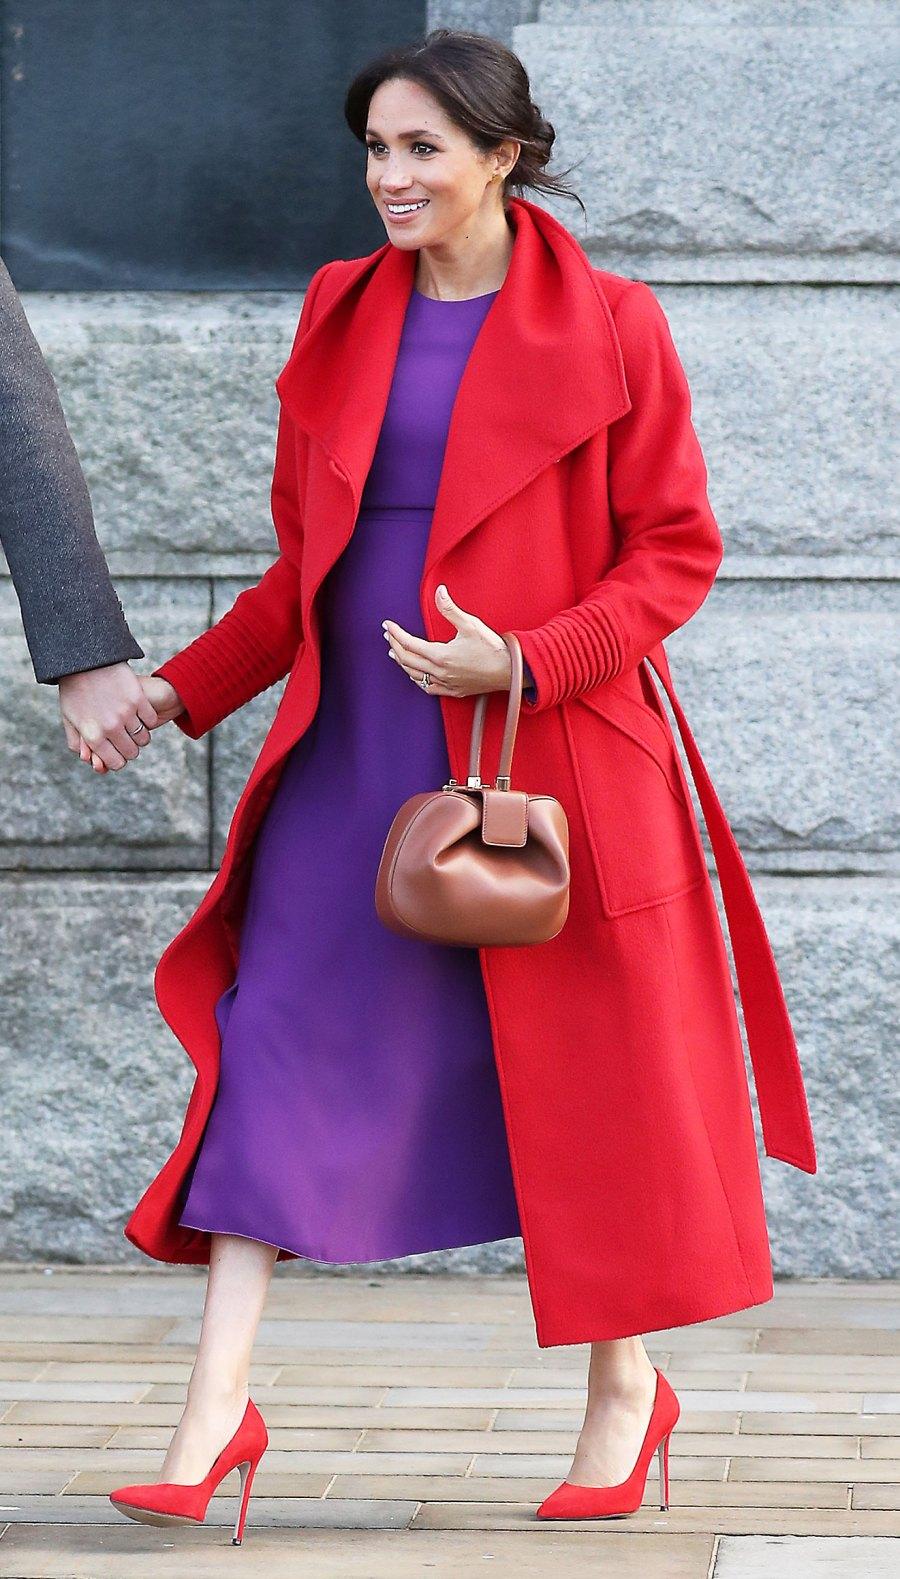 Meghan Markle Red Coat Purple Dress